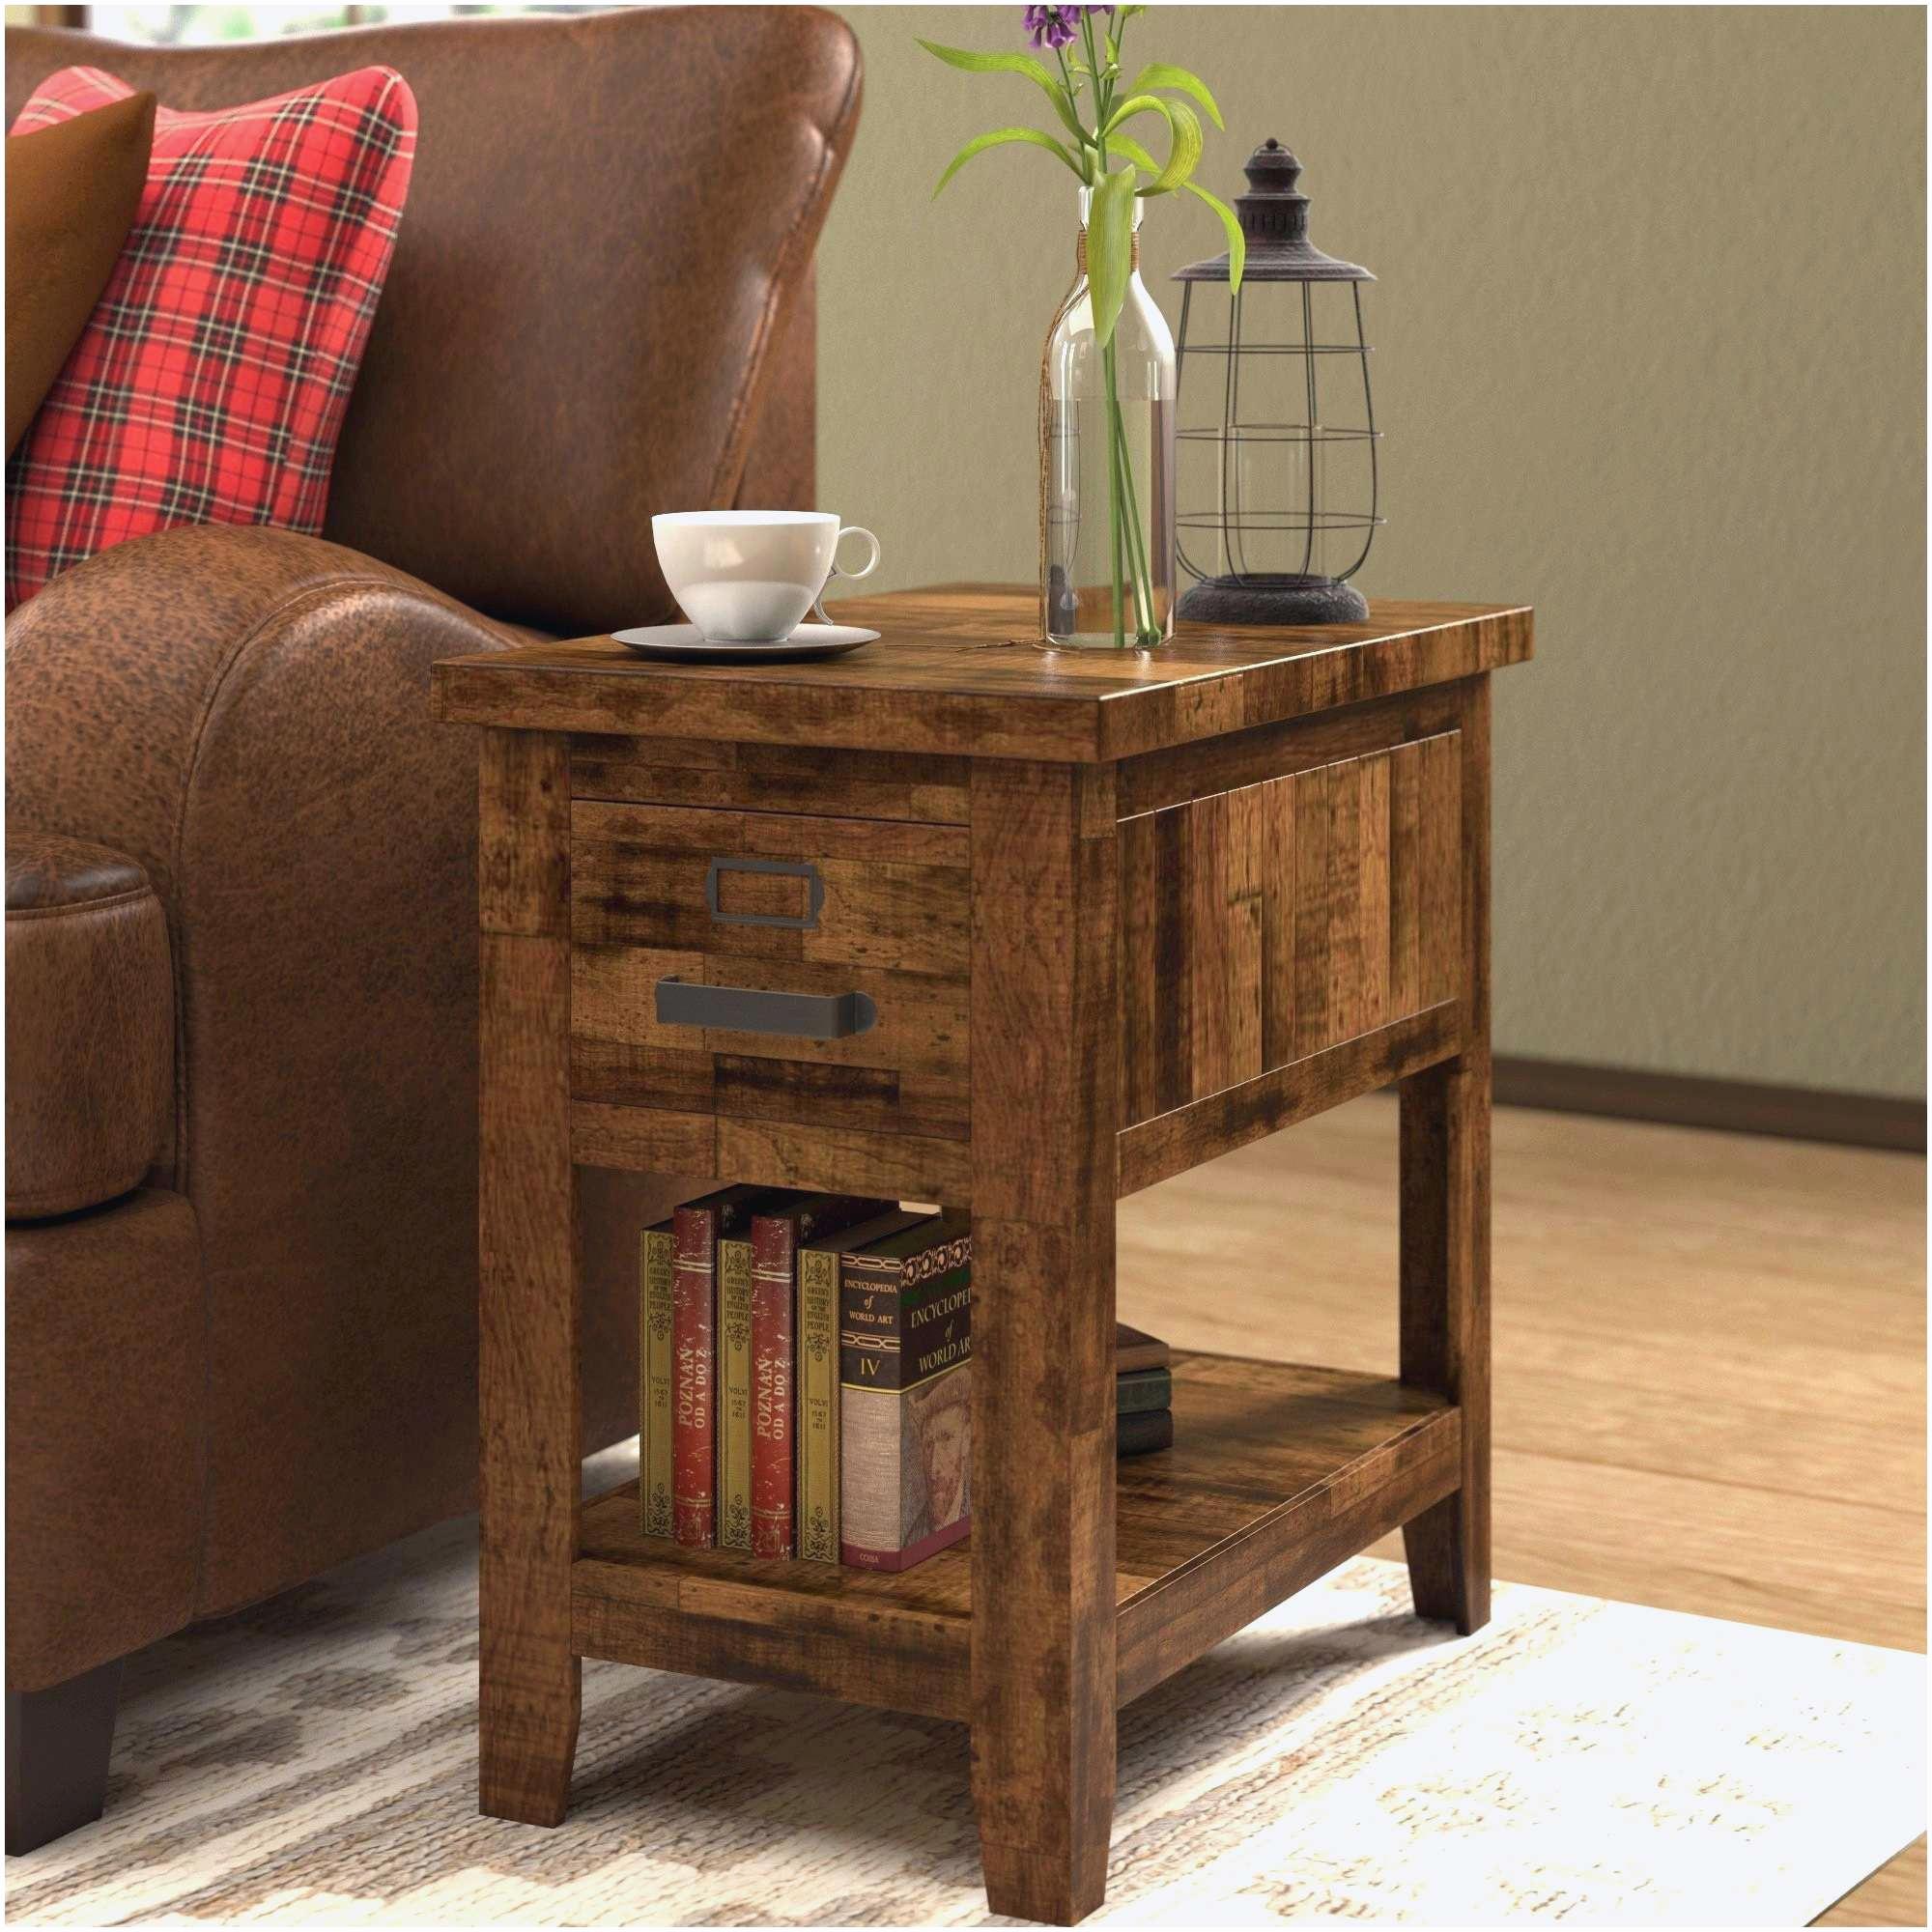 bricorama table pliante meilleur de inspire table de jardin bois best banc jardin bois frais banc bois of bricorama table pliante